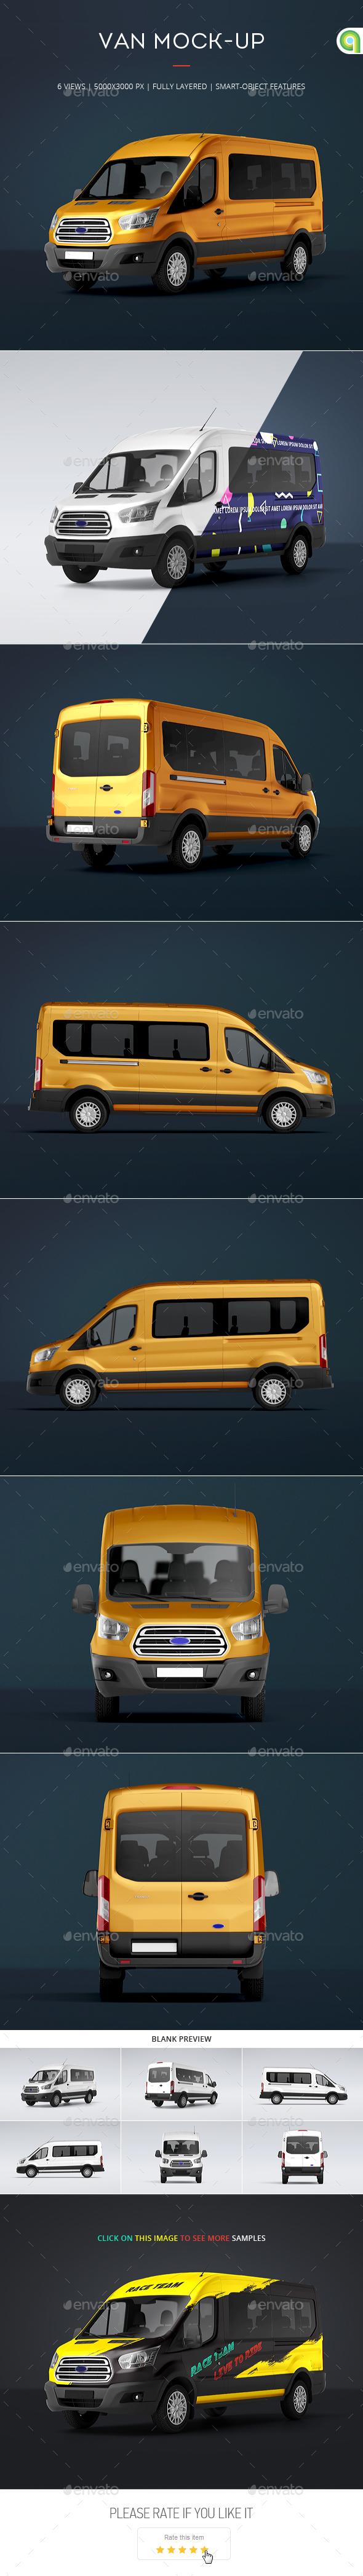 Passenger Van Mock-Up